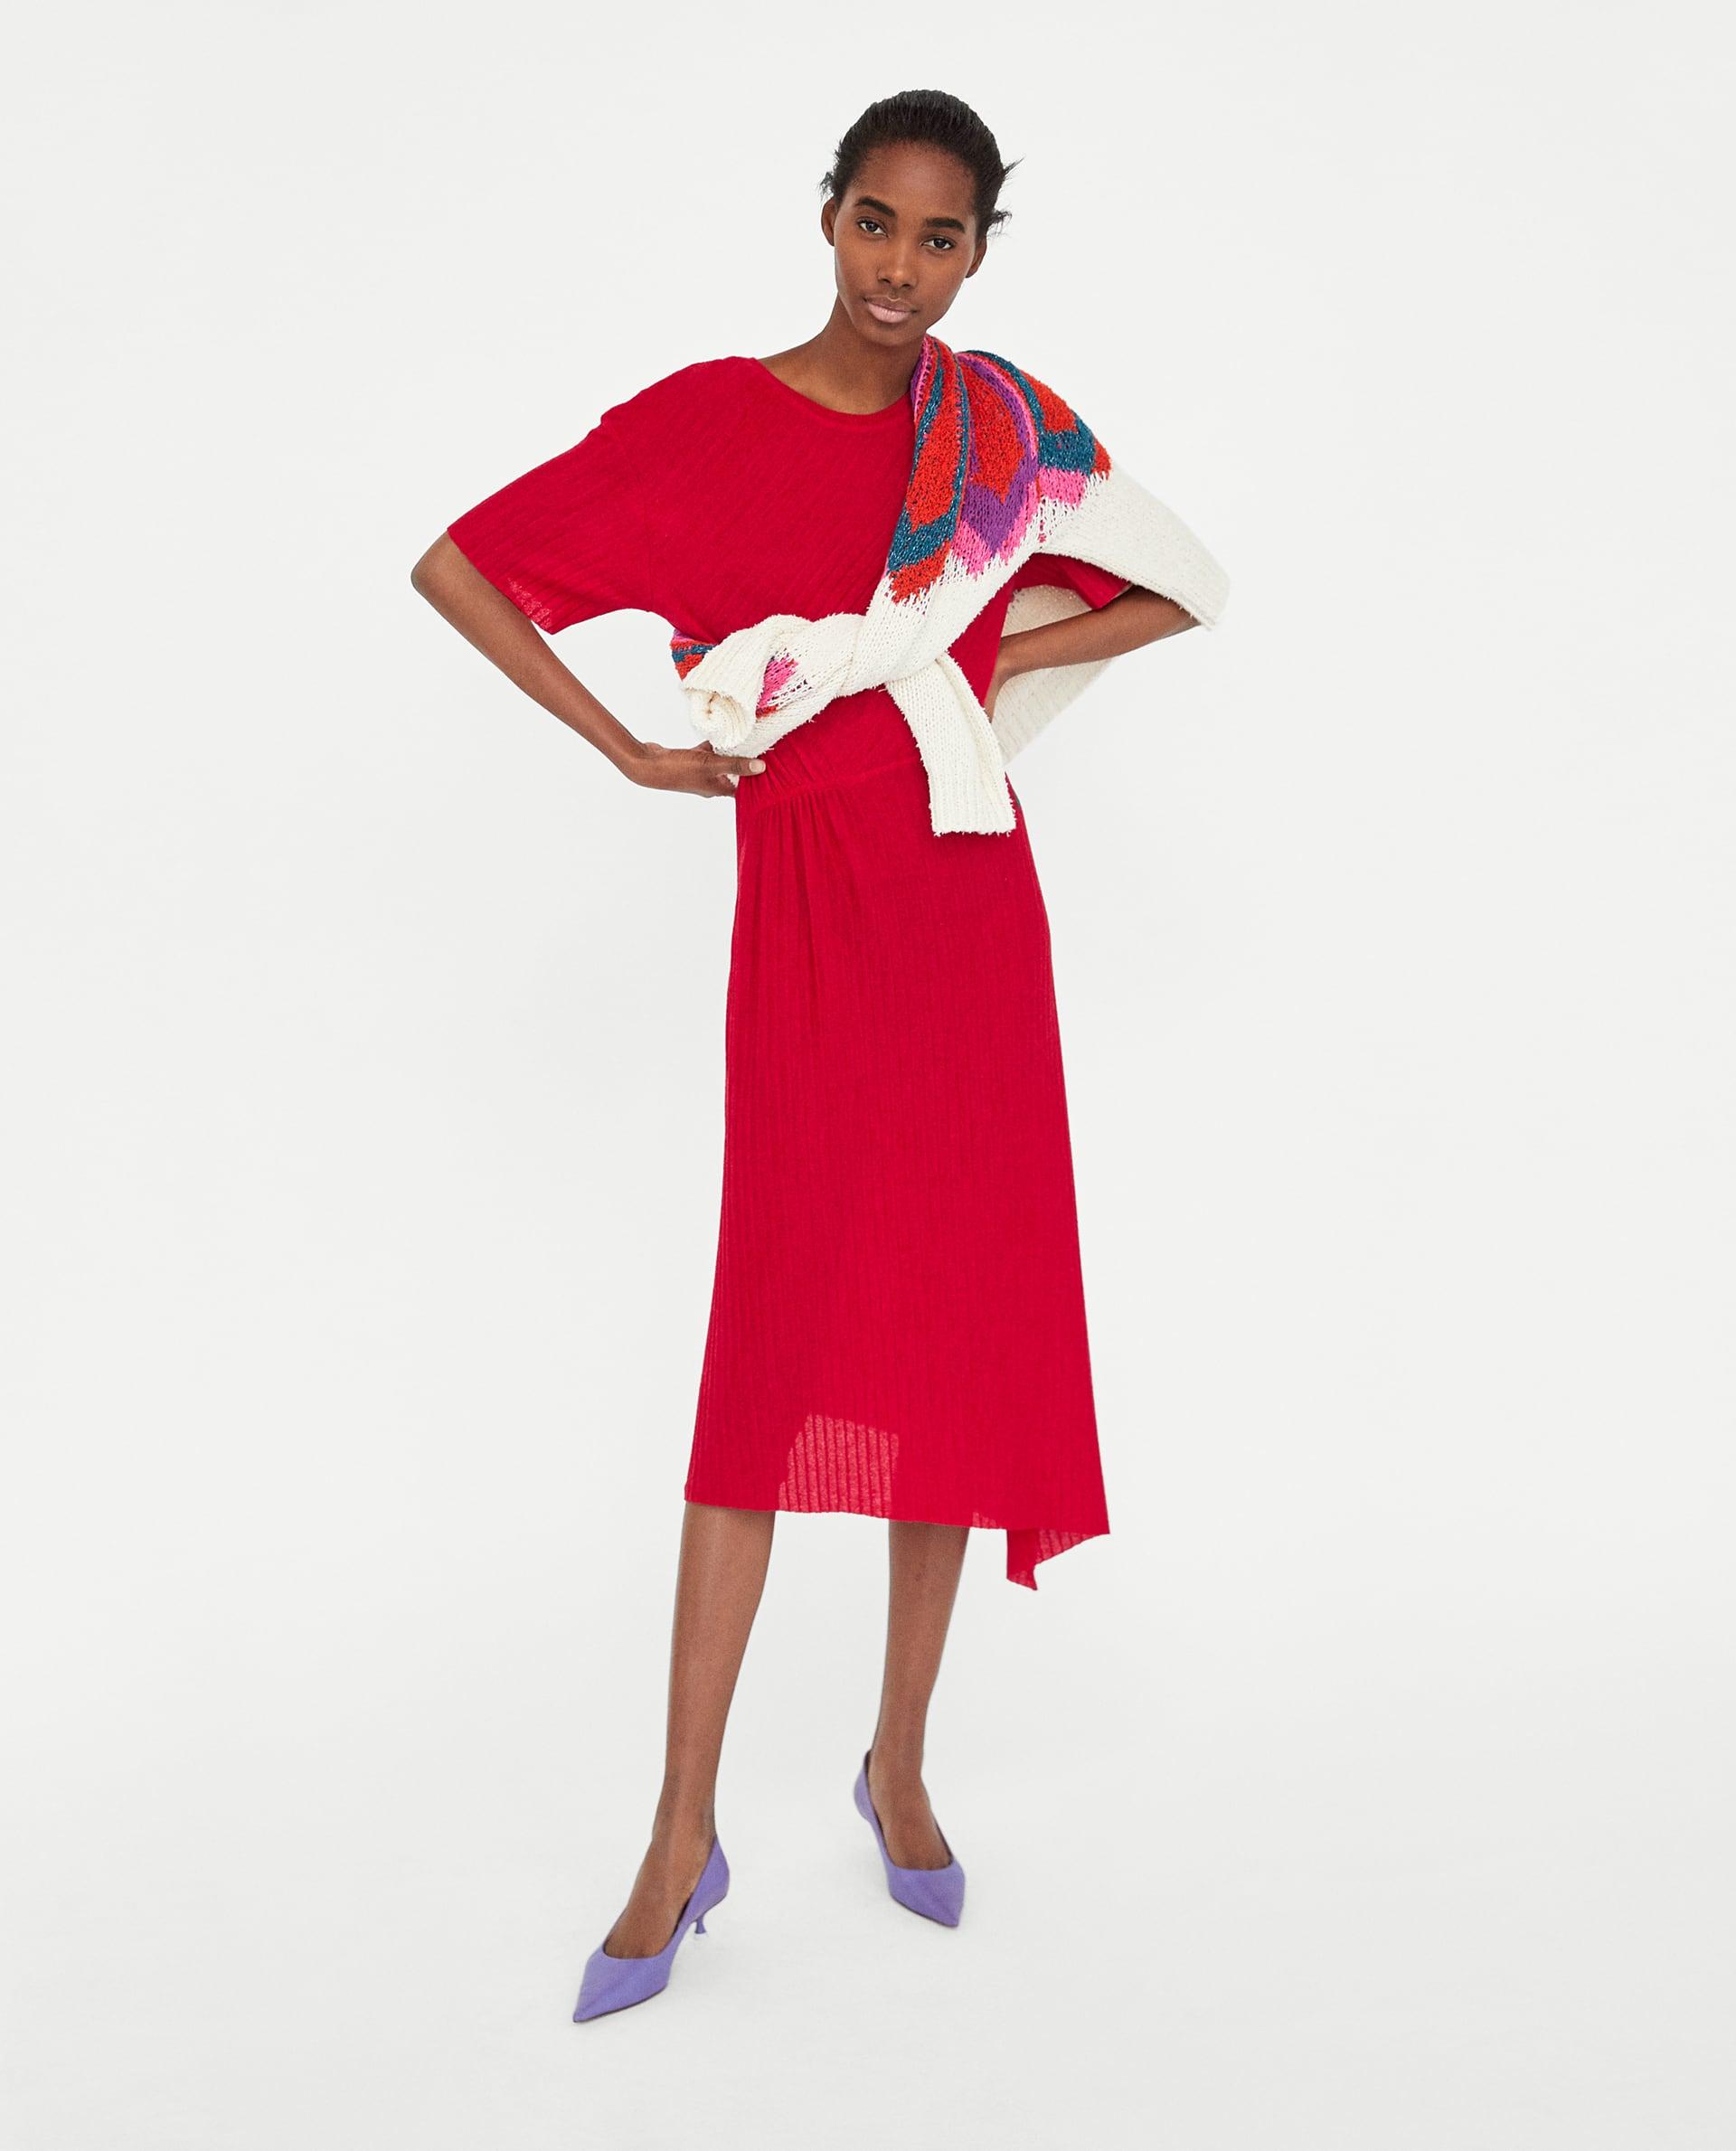 b328410f502 Zara Midi Dress Trend Dresses For Women